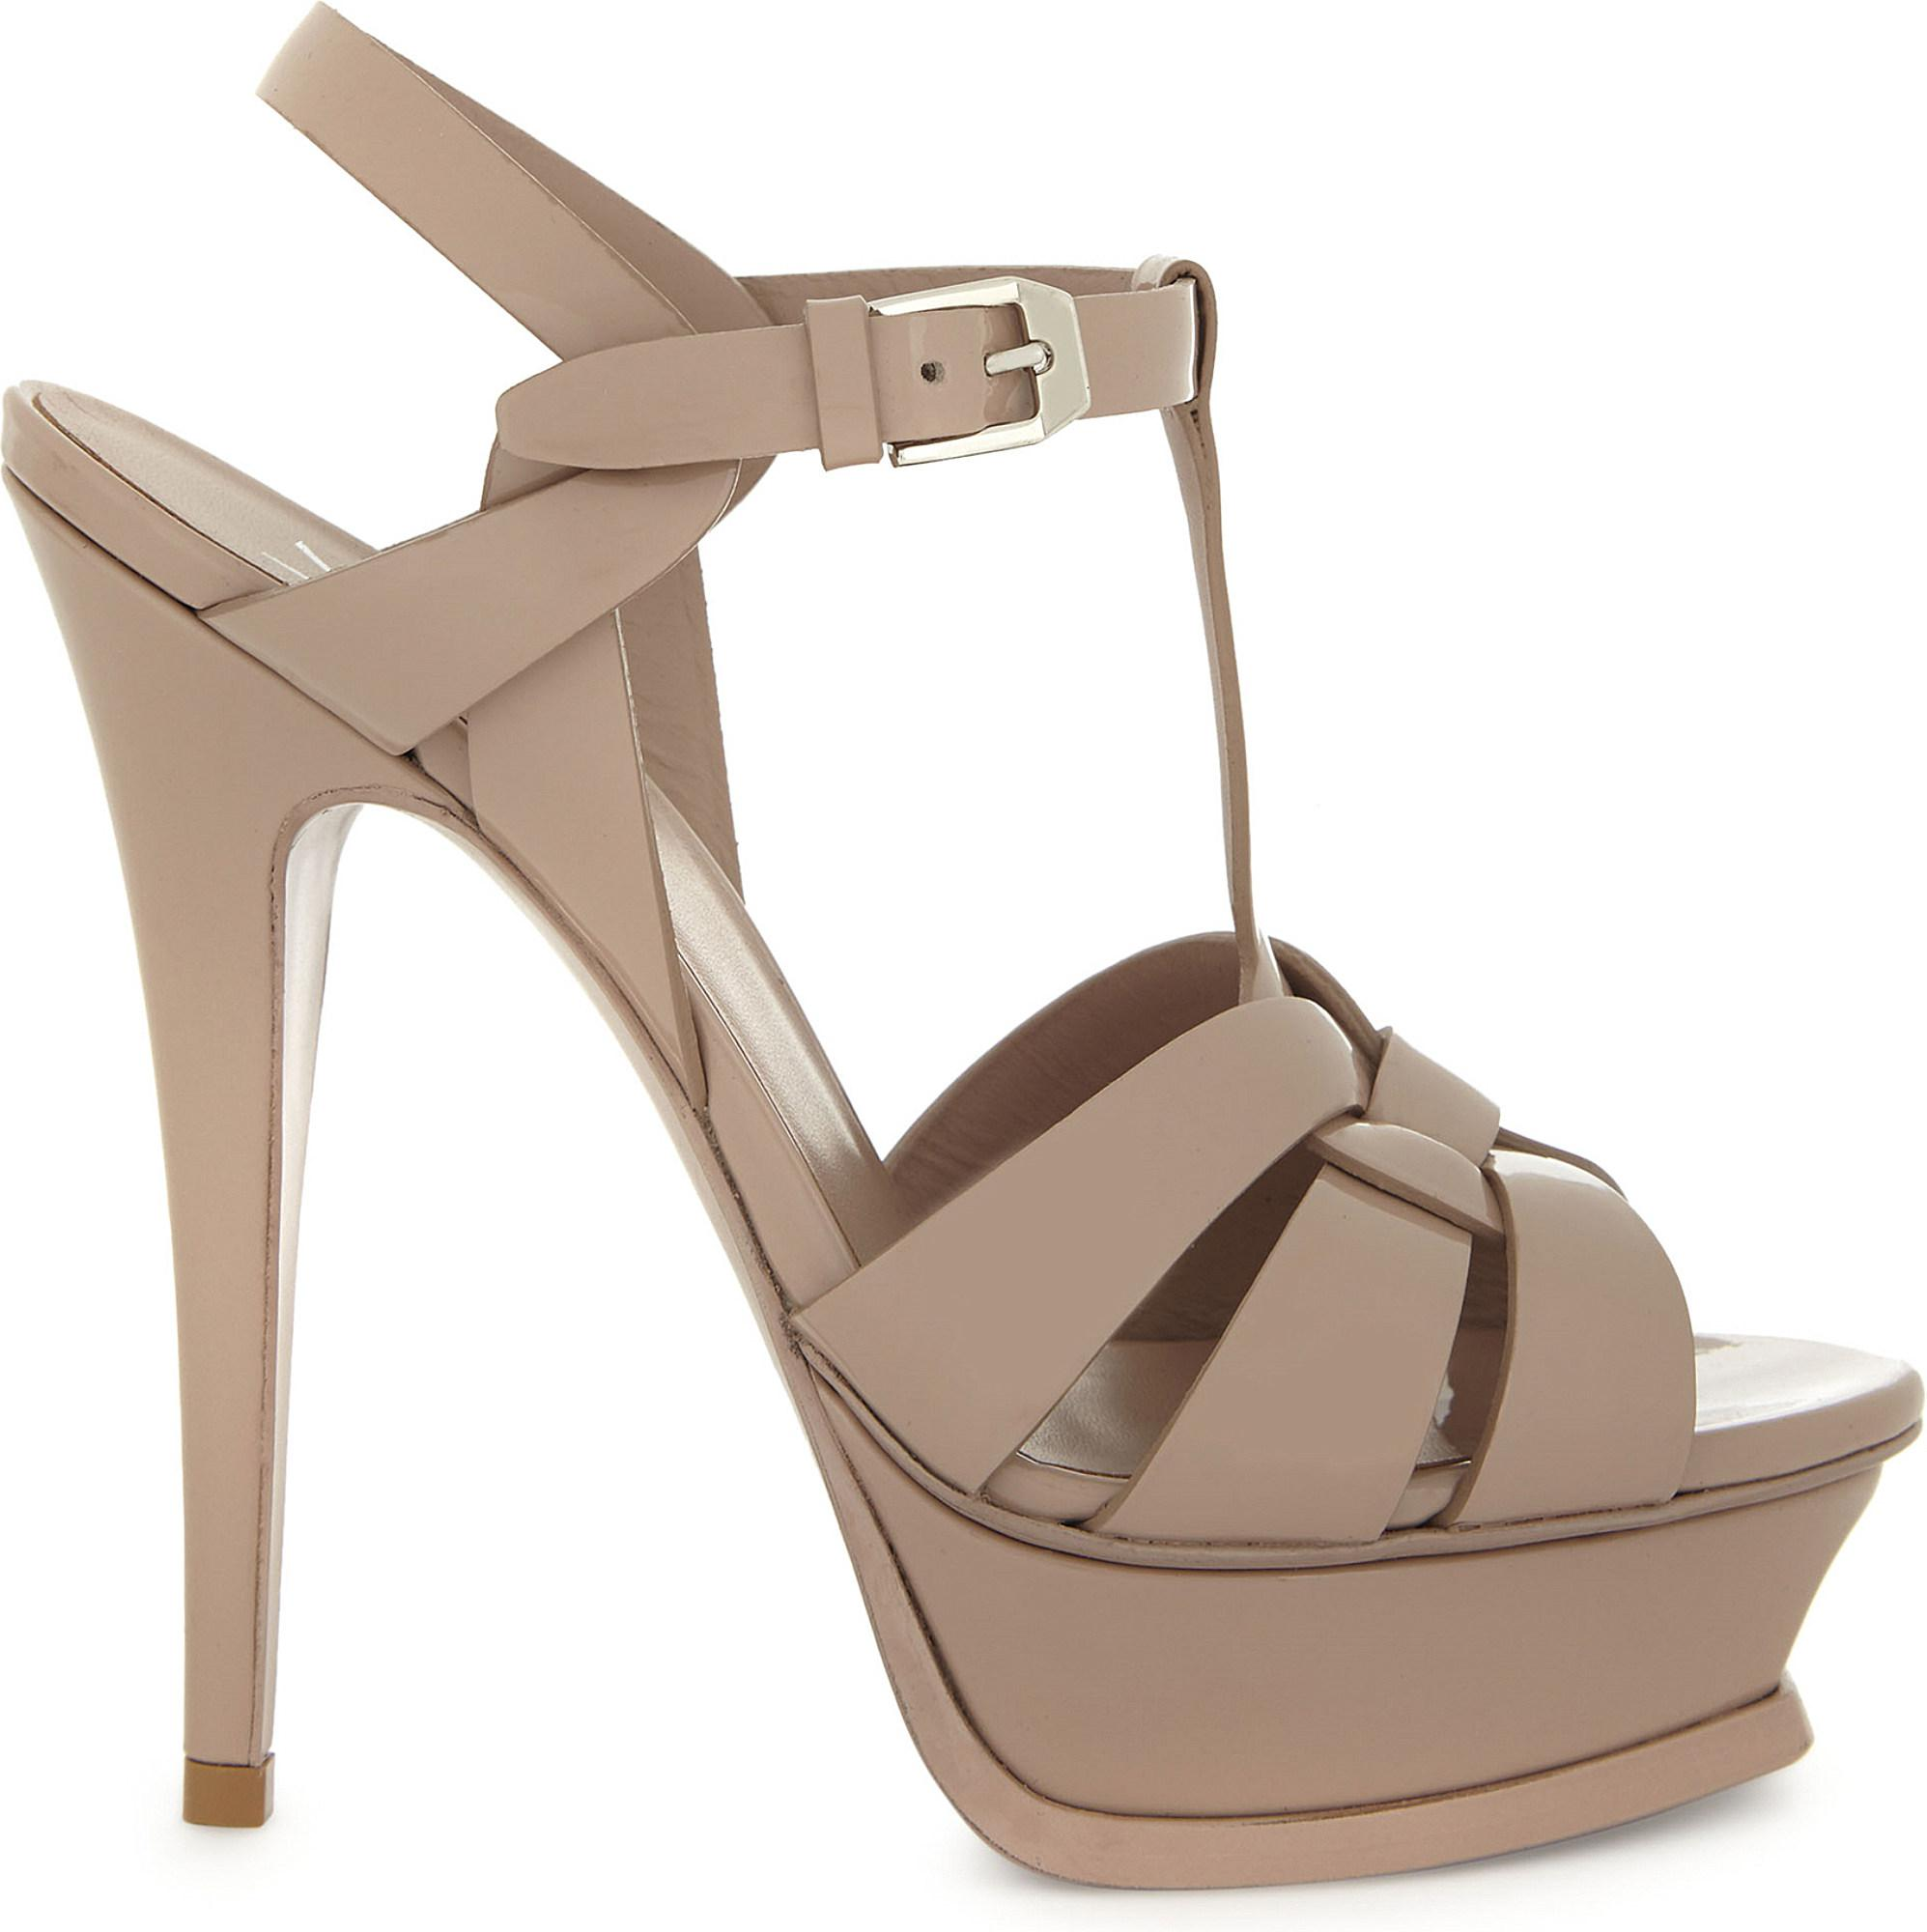 ce024dacc8de8 Saint Laurent. Women s Tribute 105 Patent-leather Sandals